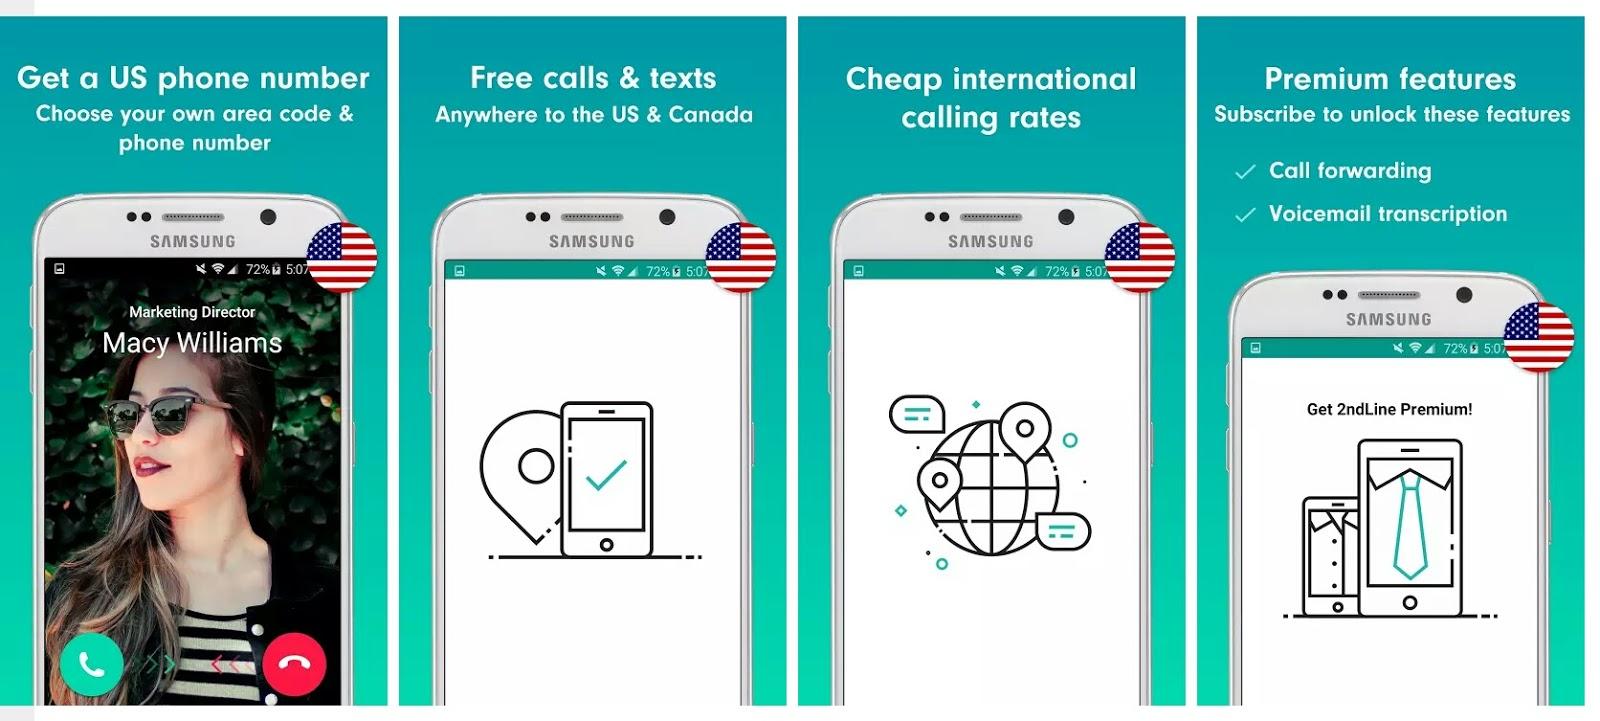 شرح طريقة عمل وتحميل برنامج 2ndline للحصول على رقم امريكي او كندي